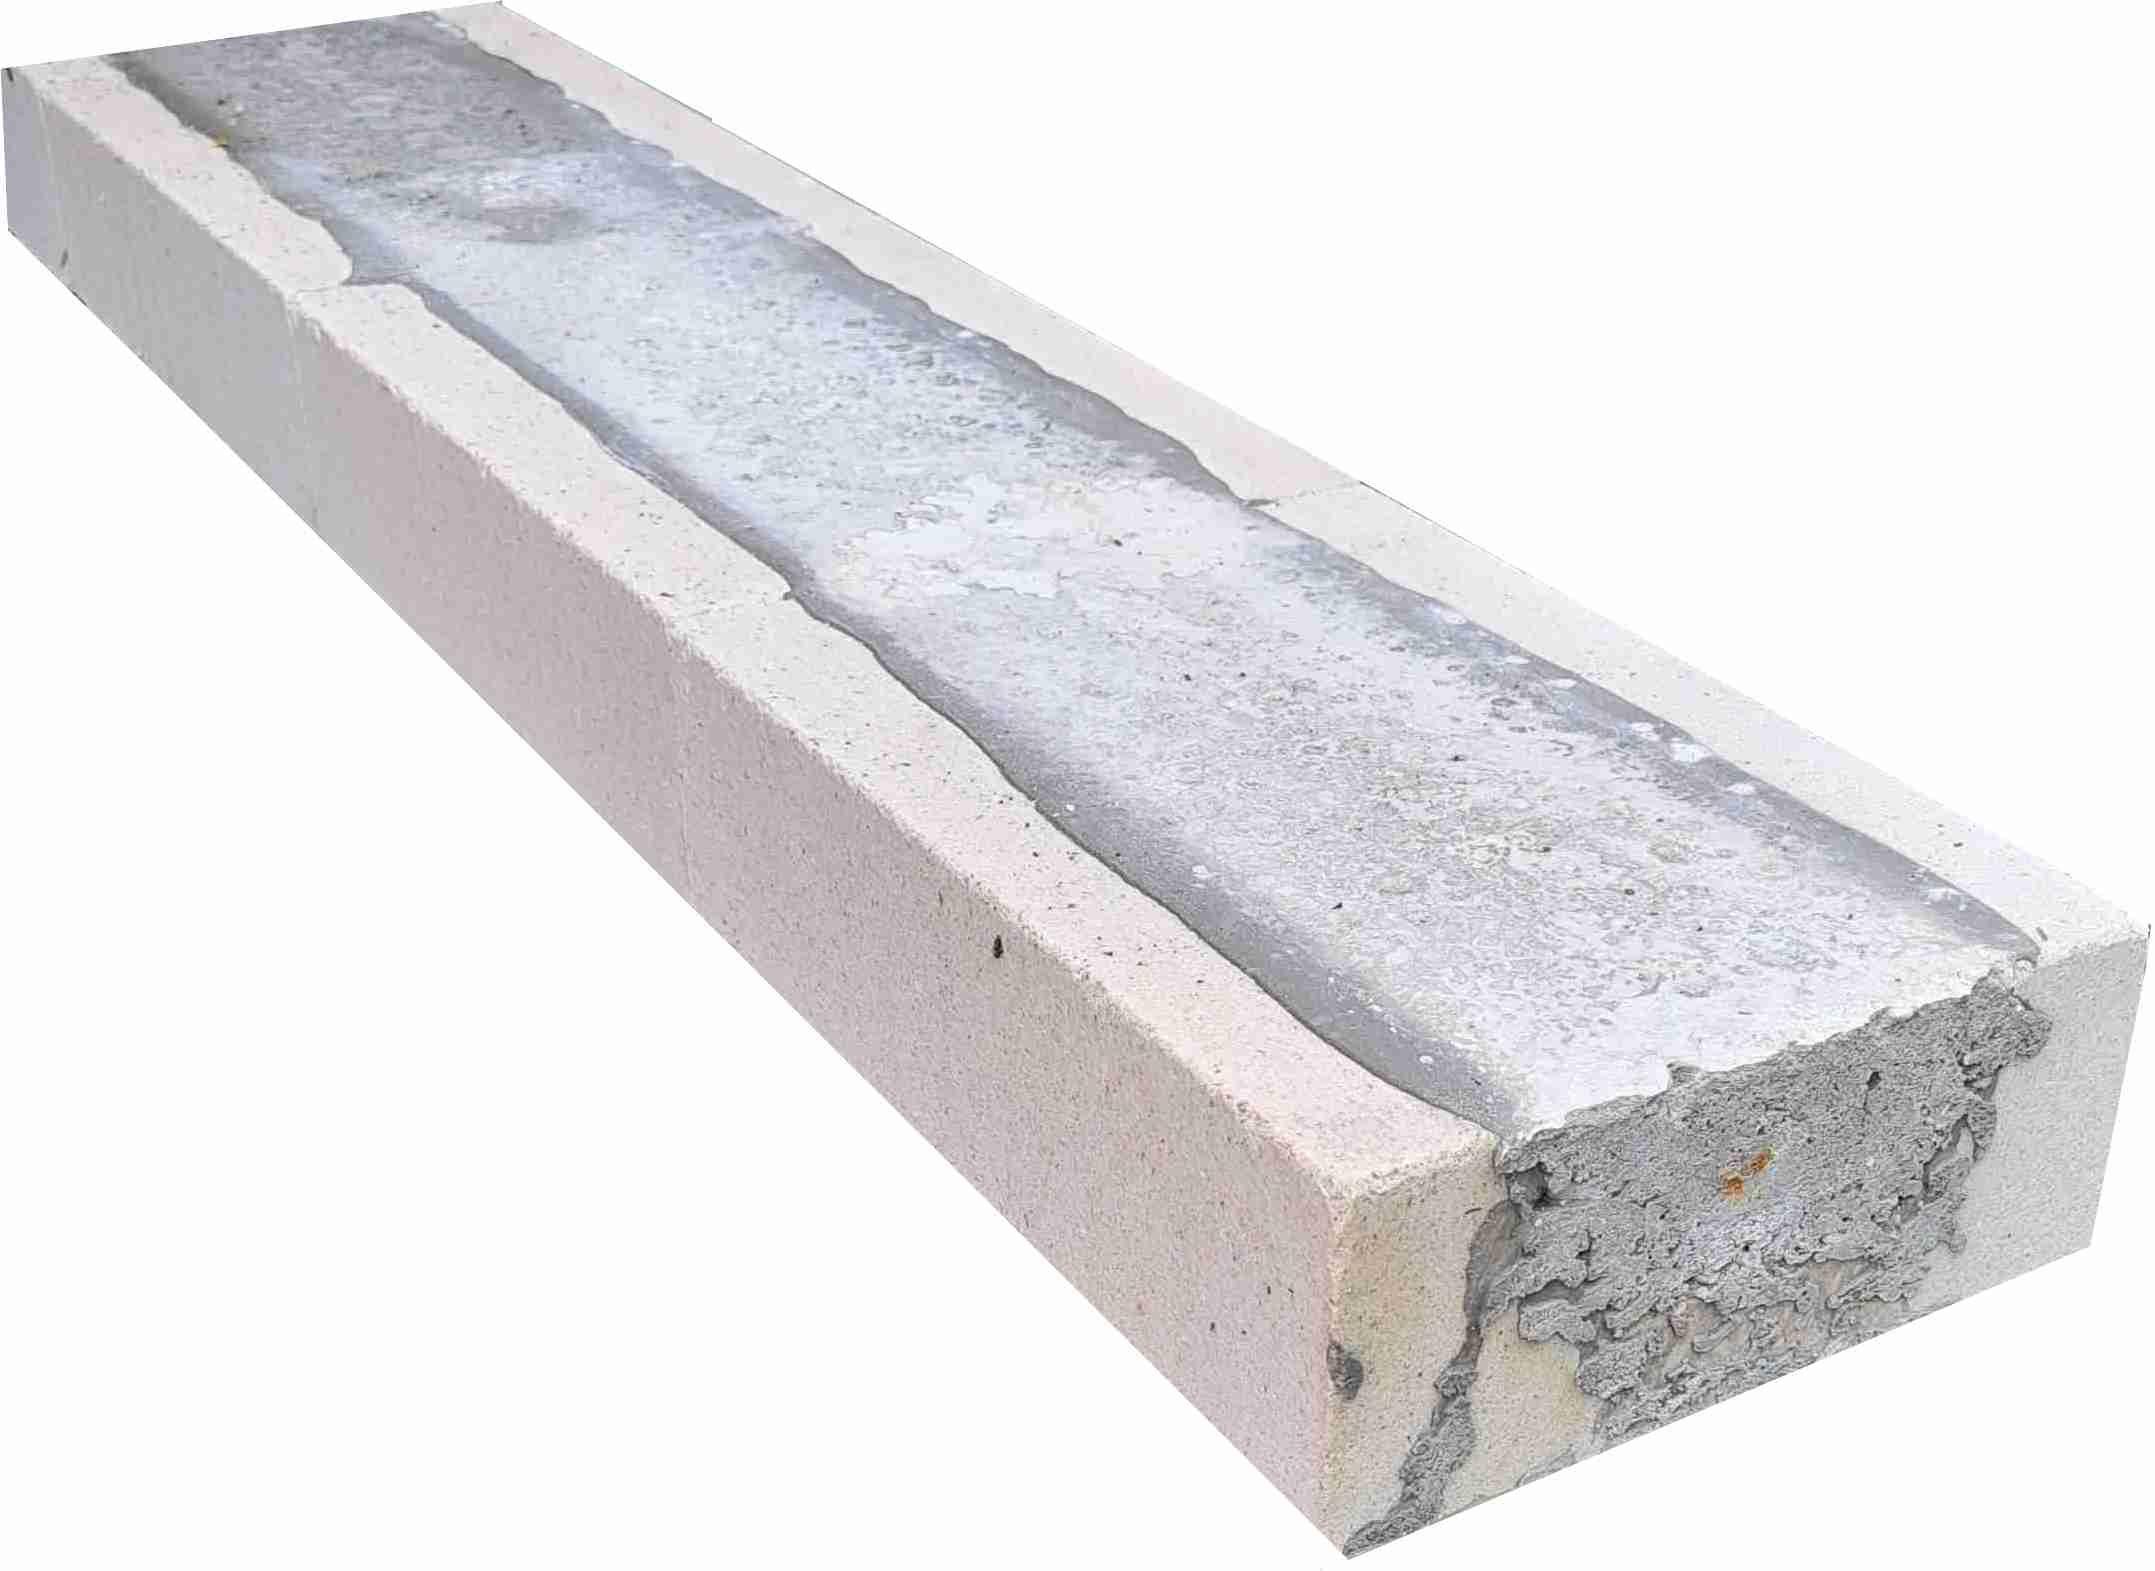 Kalksandsteinstürze NF 7,1 x 17,5 cm 1,50 m